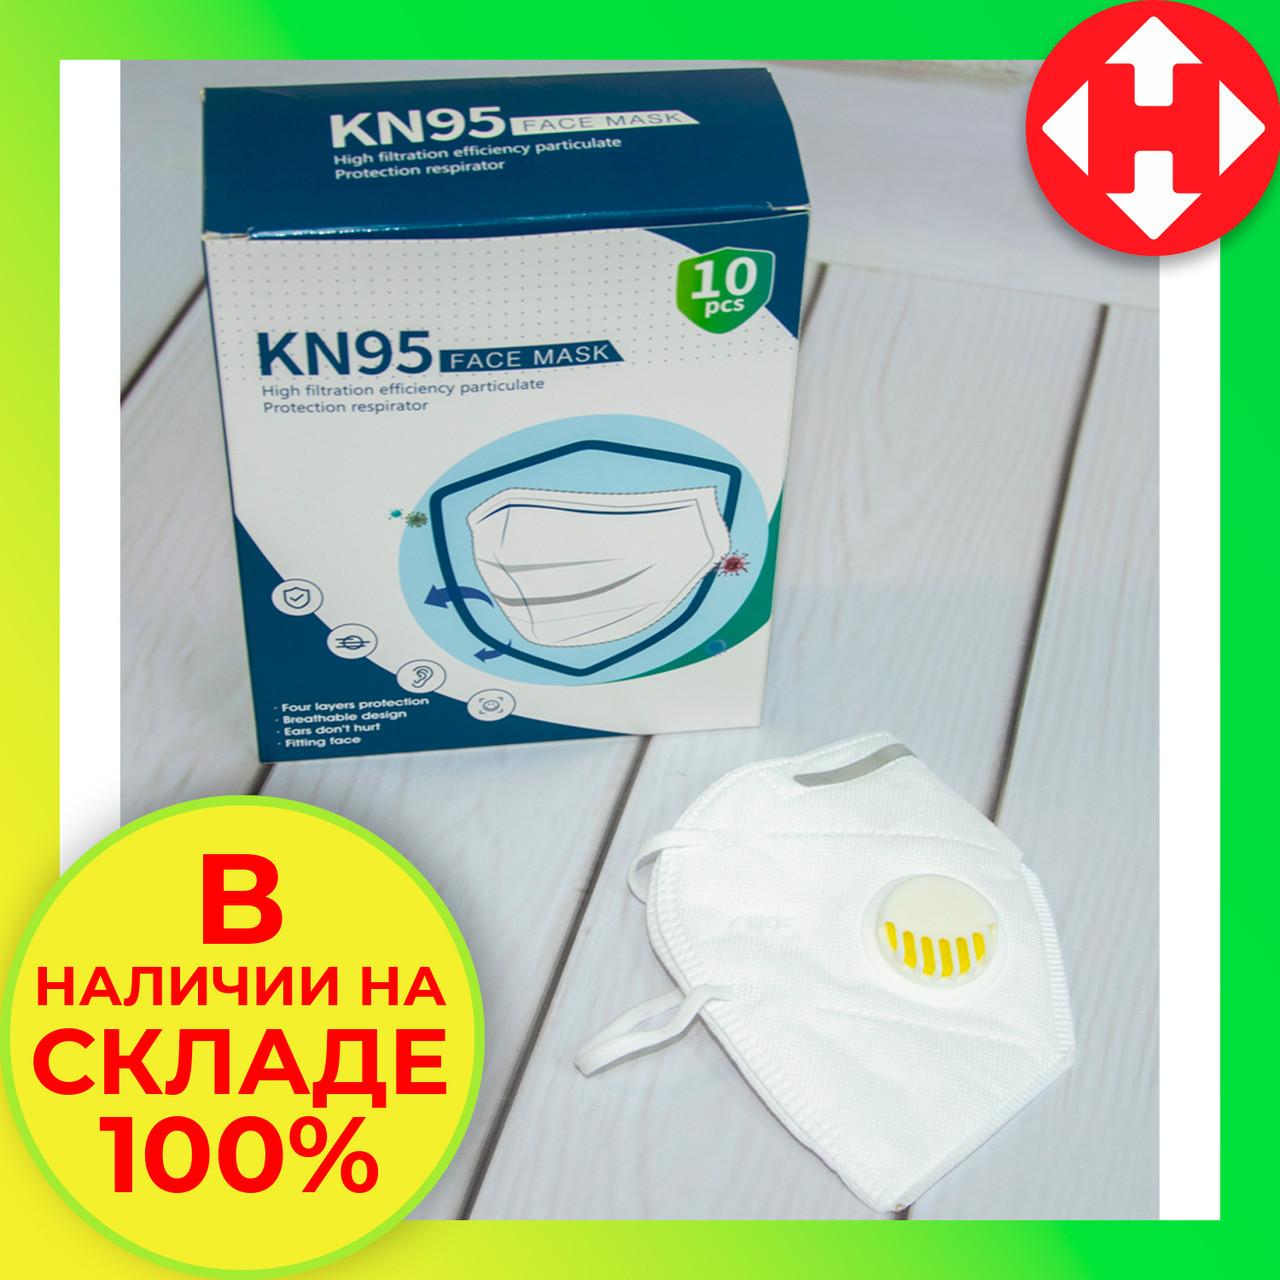 Купить Медицинские маски и респираторы, Защитные маски с угольным фильтром 10 шт KN95 защитный респиратор с клапаном с доставкой по Украине, Саме То